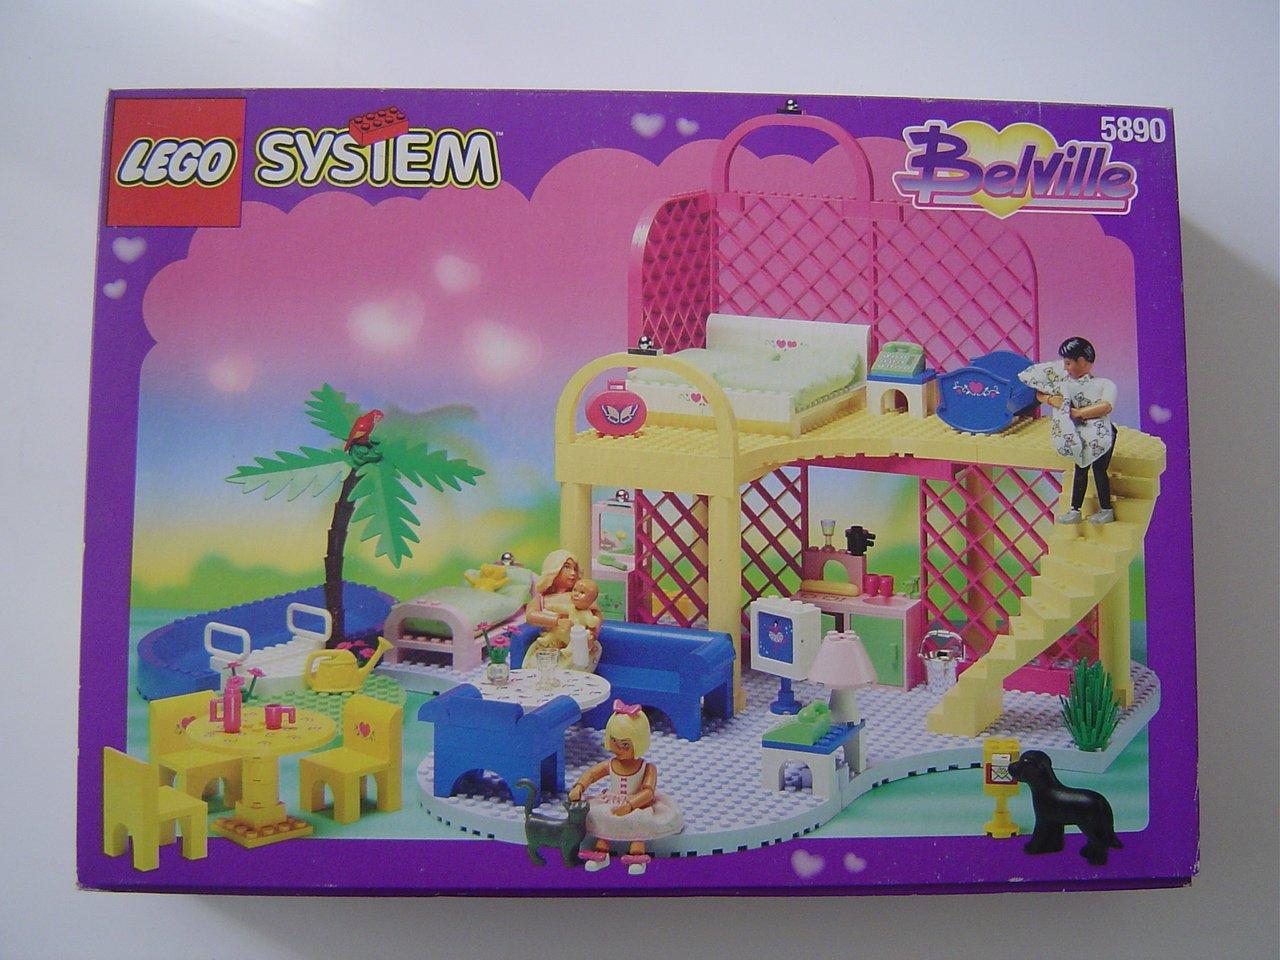 LEGO System Belville 5890 Traumhaus günstig